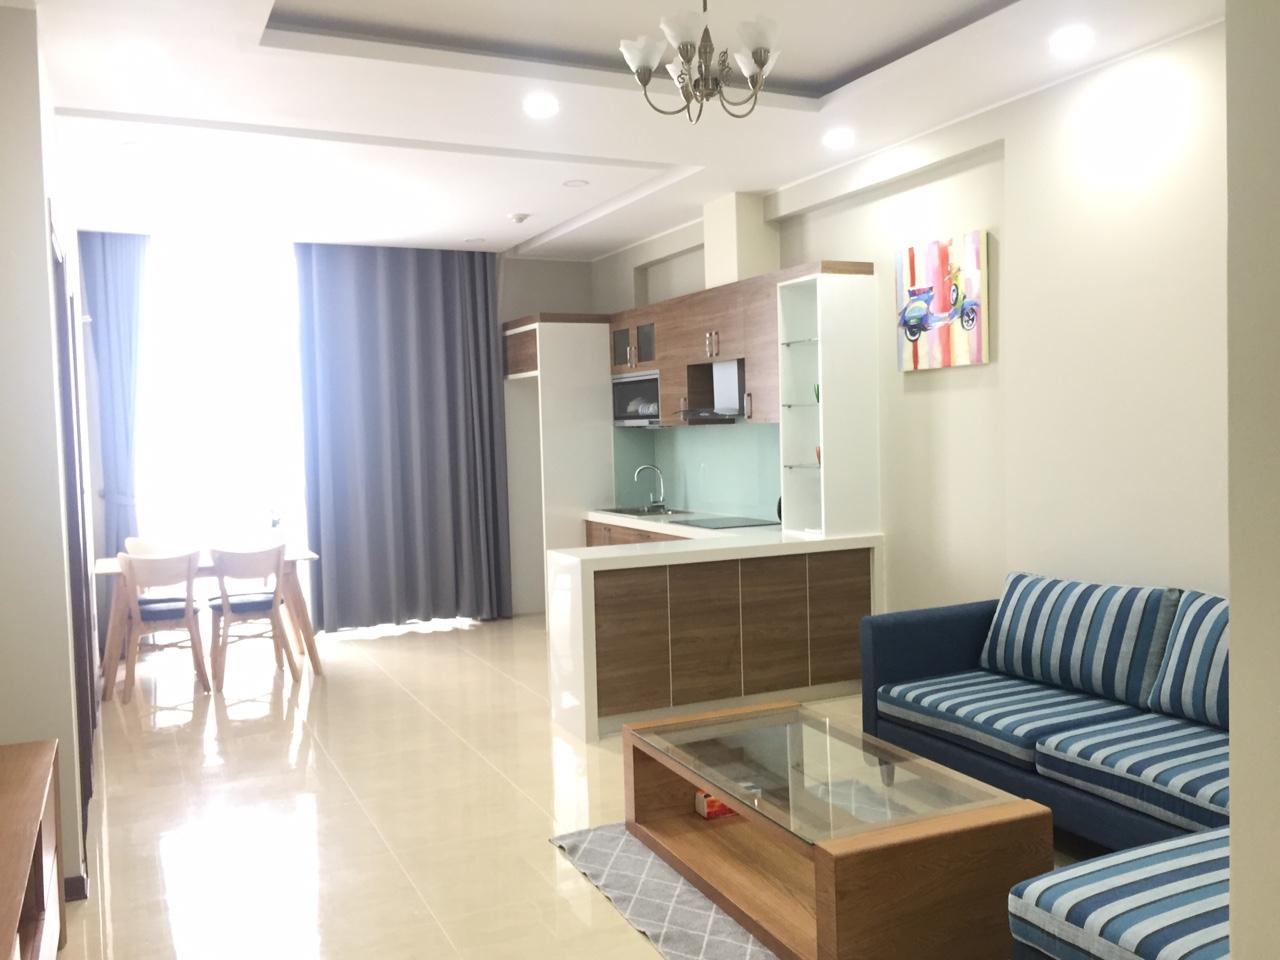 Cho thuê căn hộ chung cư Tràng An complex, 2 phòng ngủ